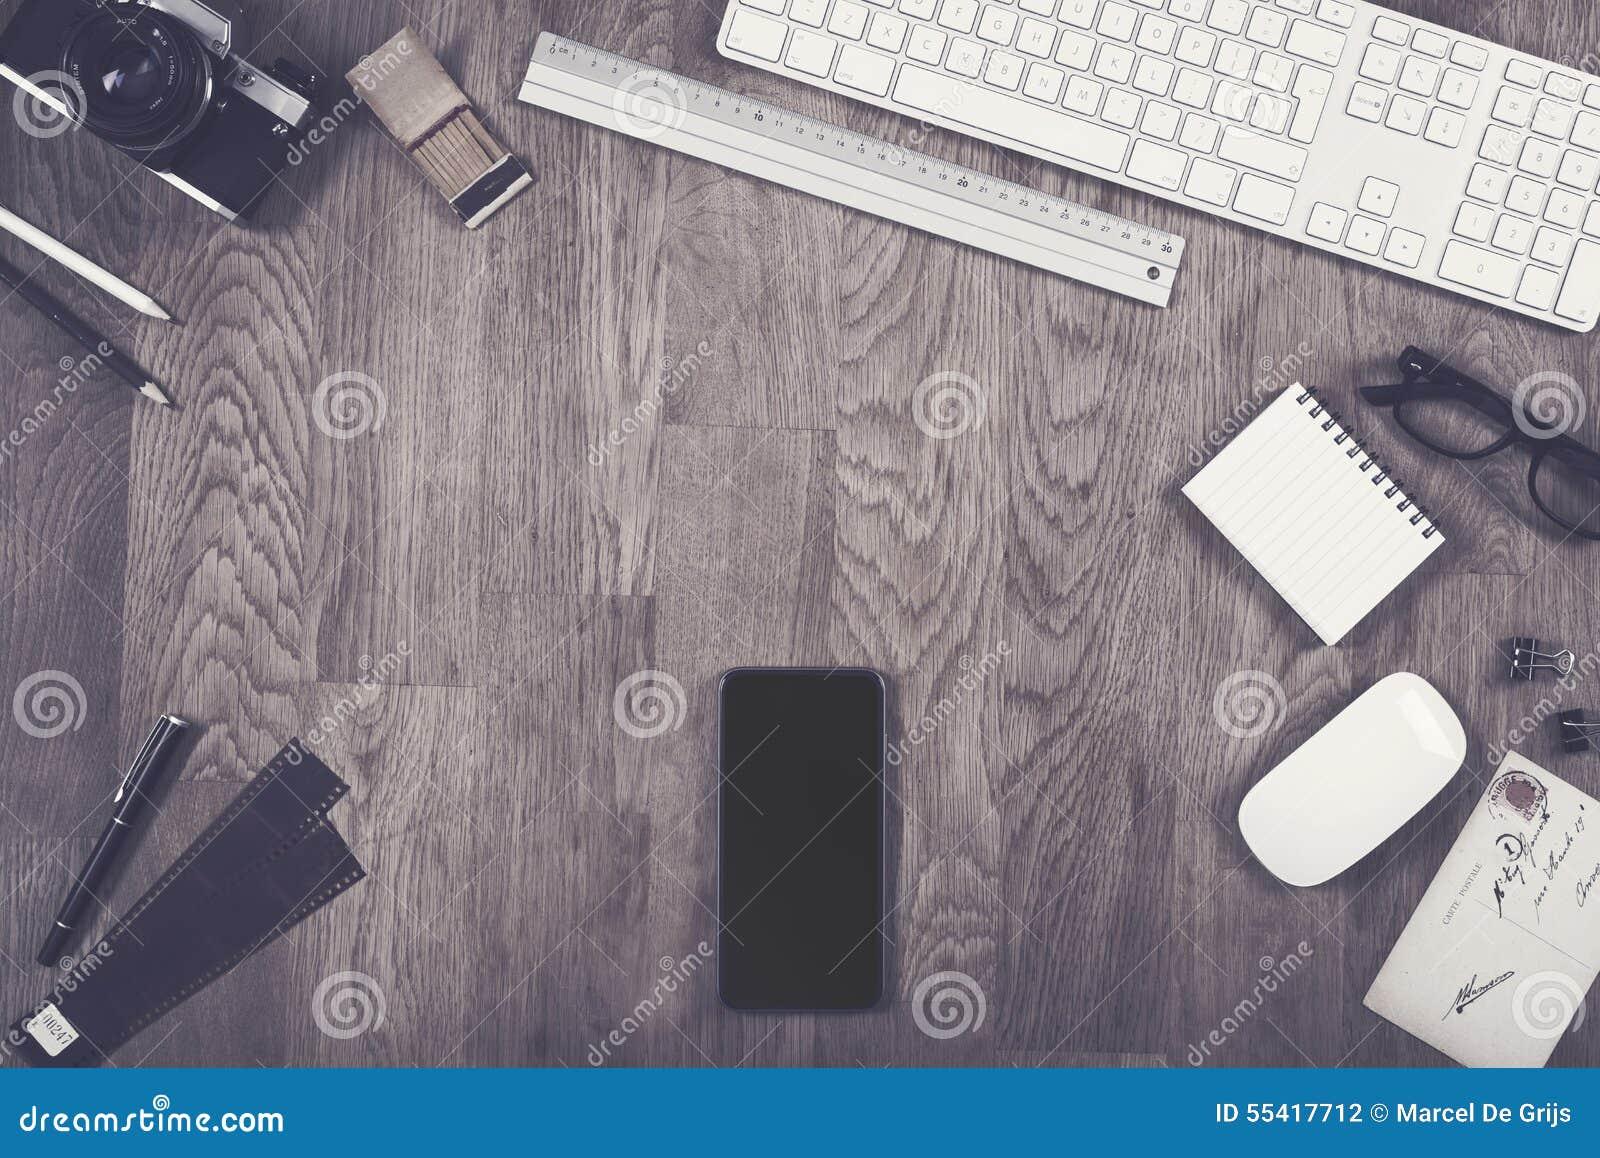 Hero header image of desktop